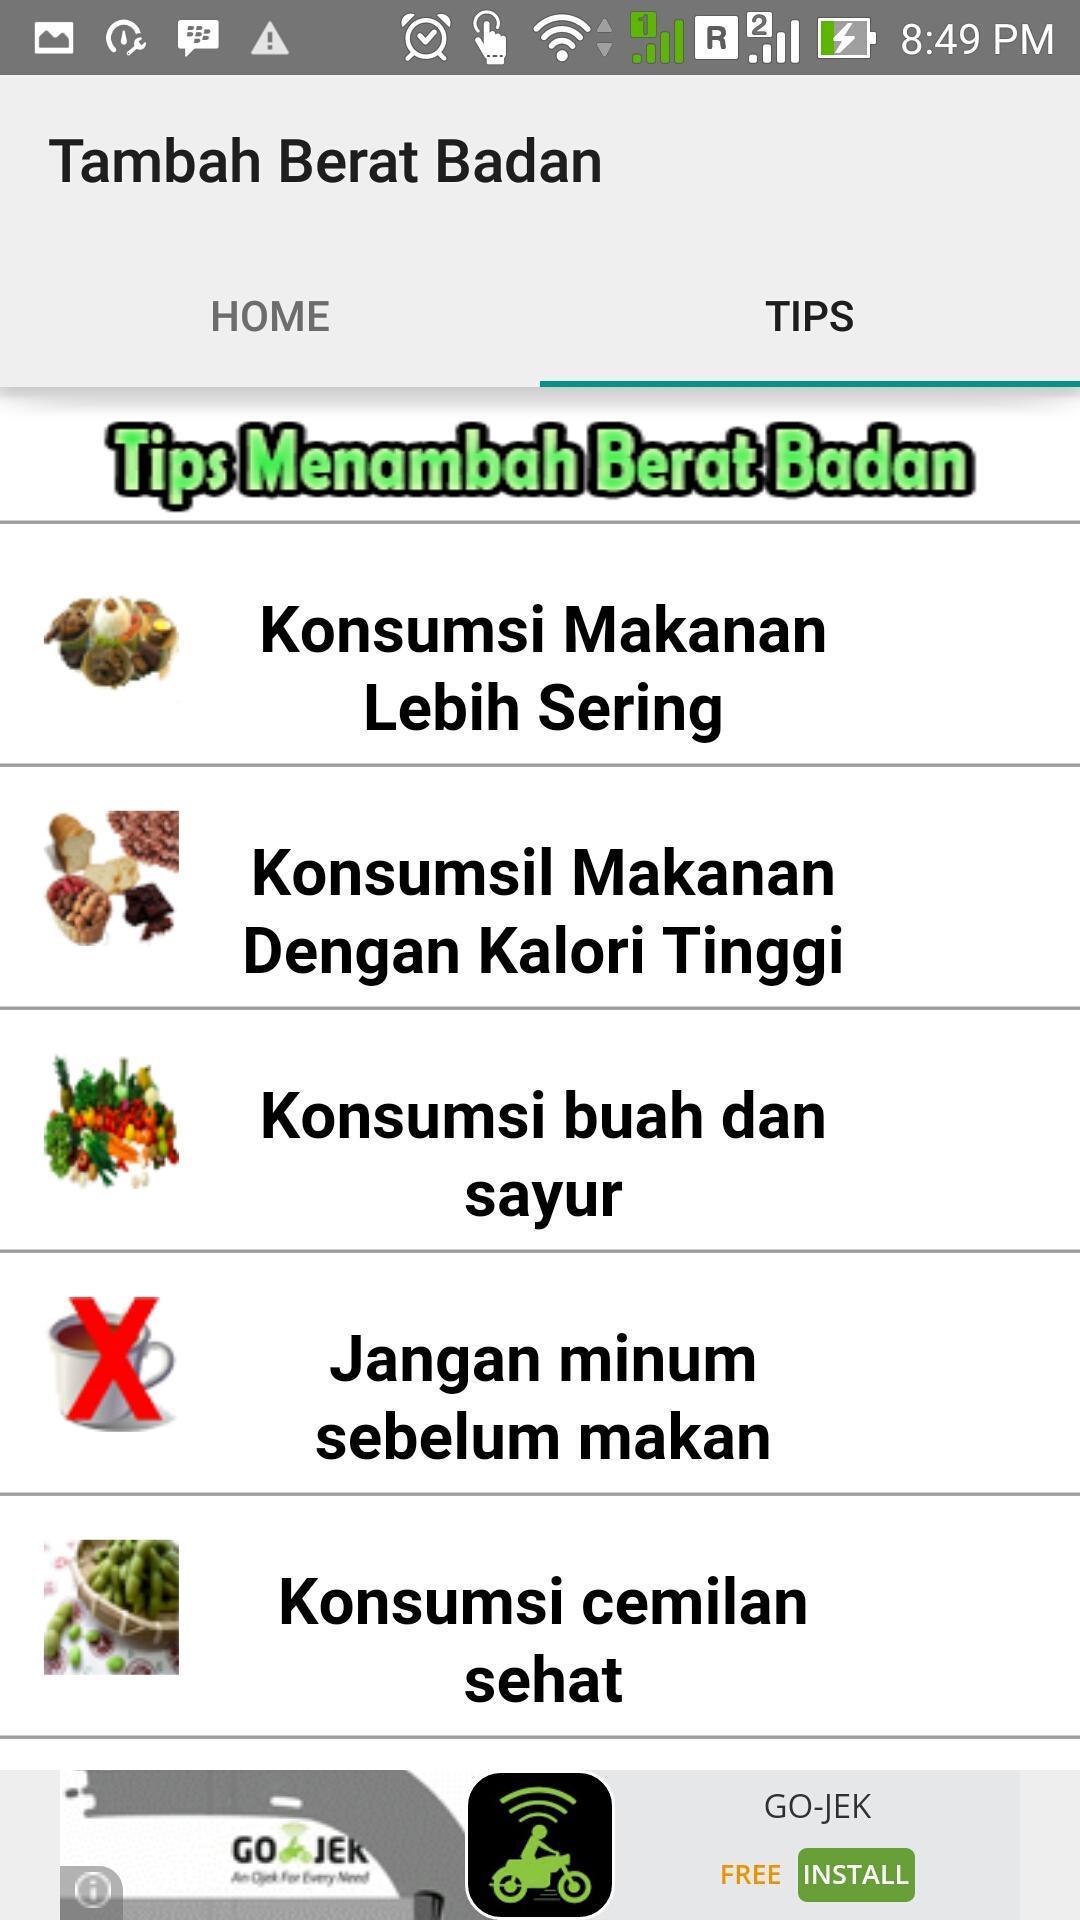 Tips Menambah Berat Badan For Android Apk Download